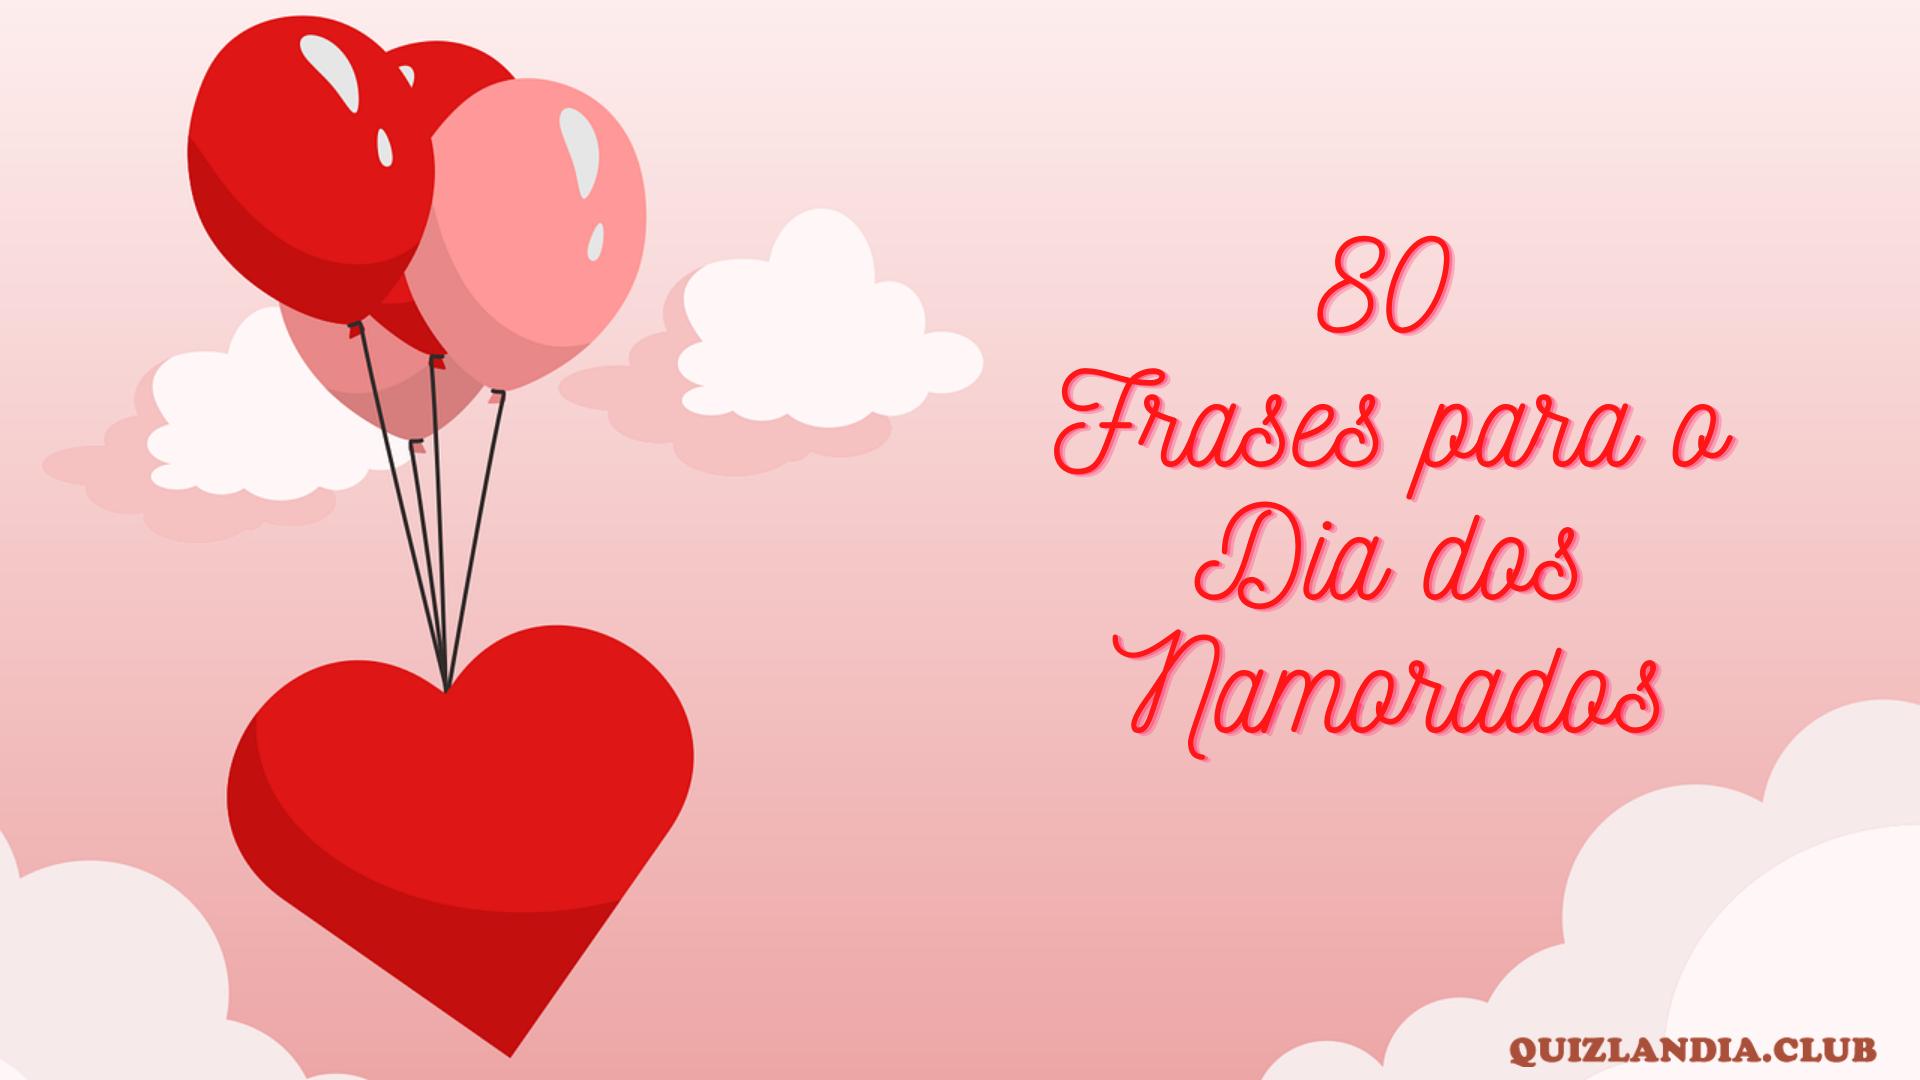 → 80 Frases para o Dia dos Namorados Tumblr 2021